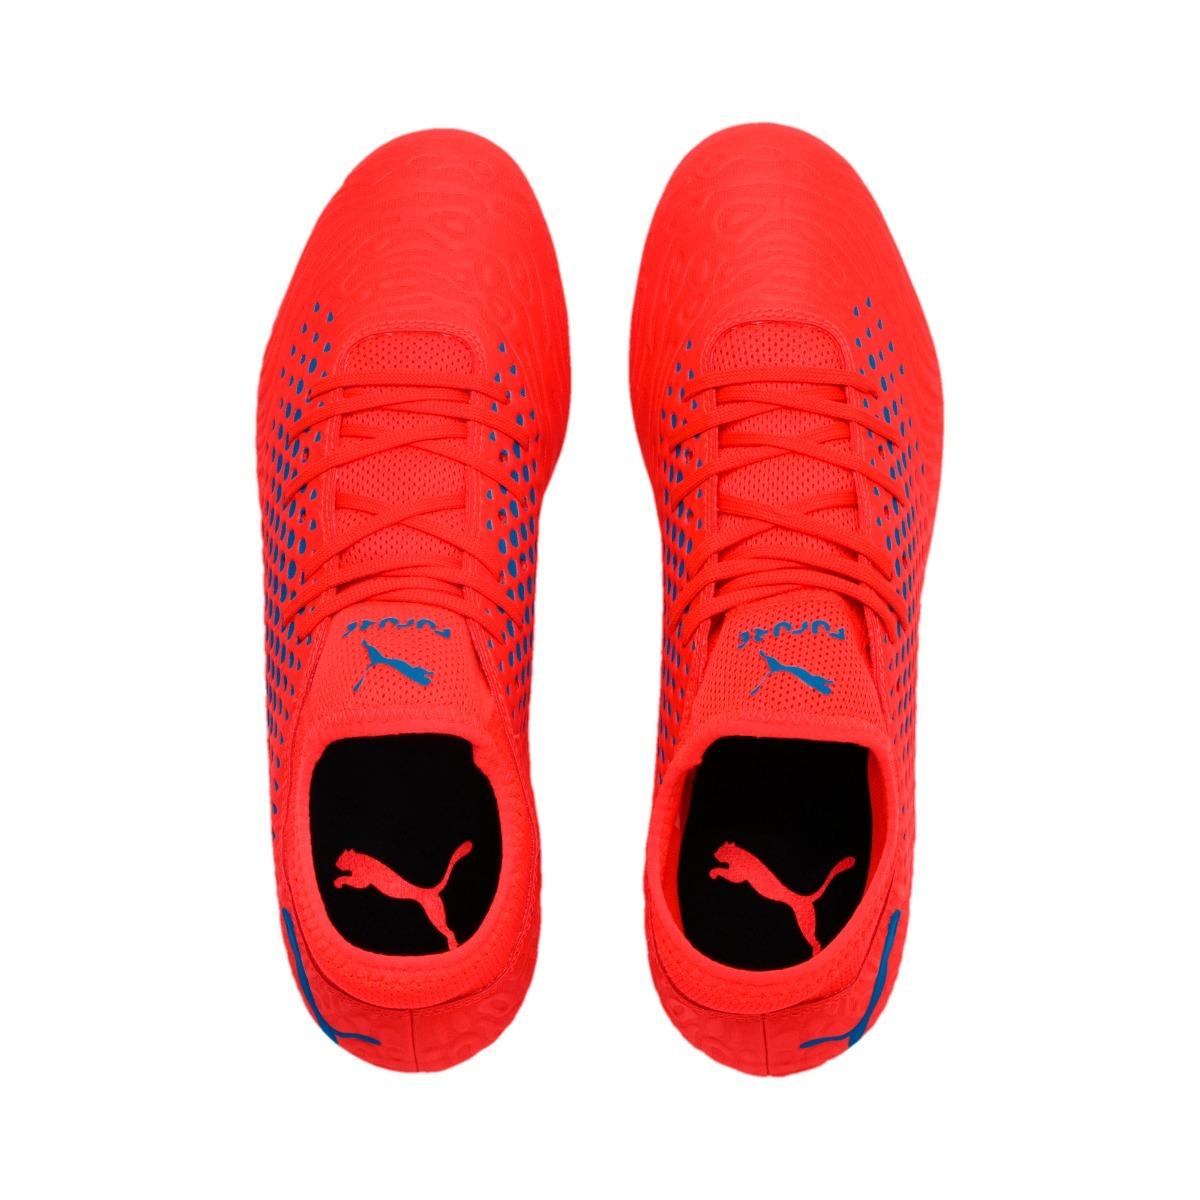 zapatos de fútbol puma future 19.4 fg ag originales en caja. Cargando zoom. 8d23f7d15af85